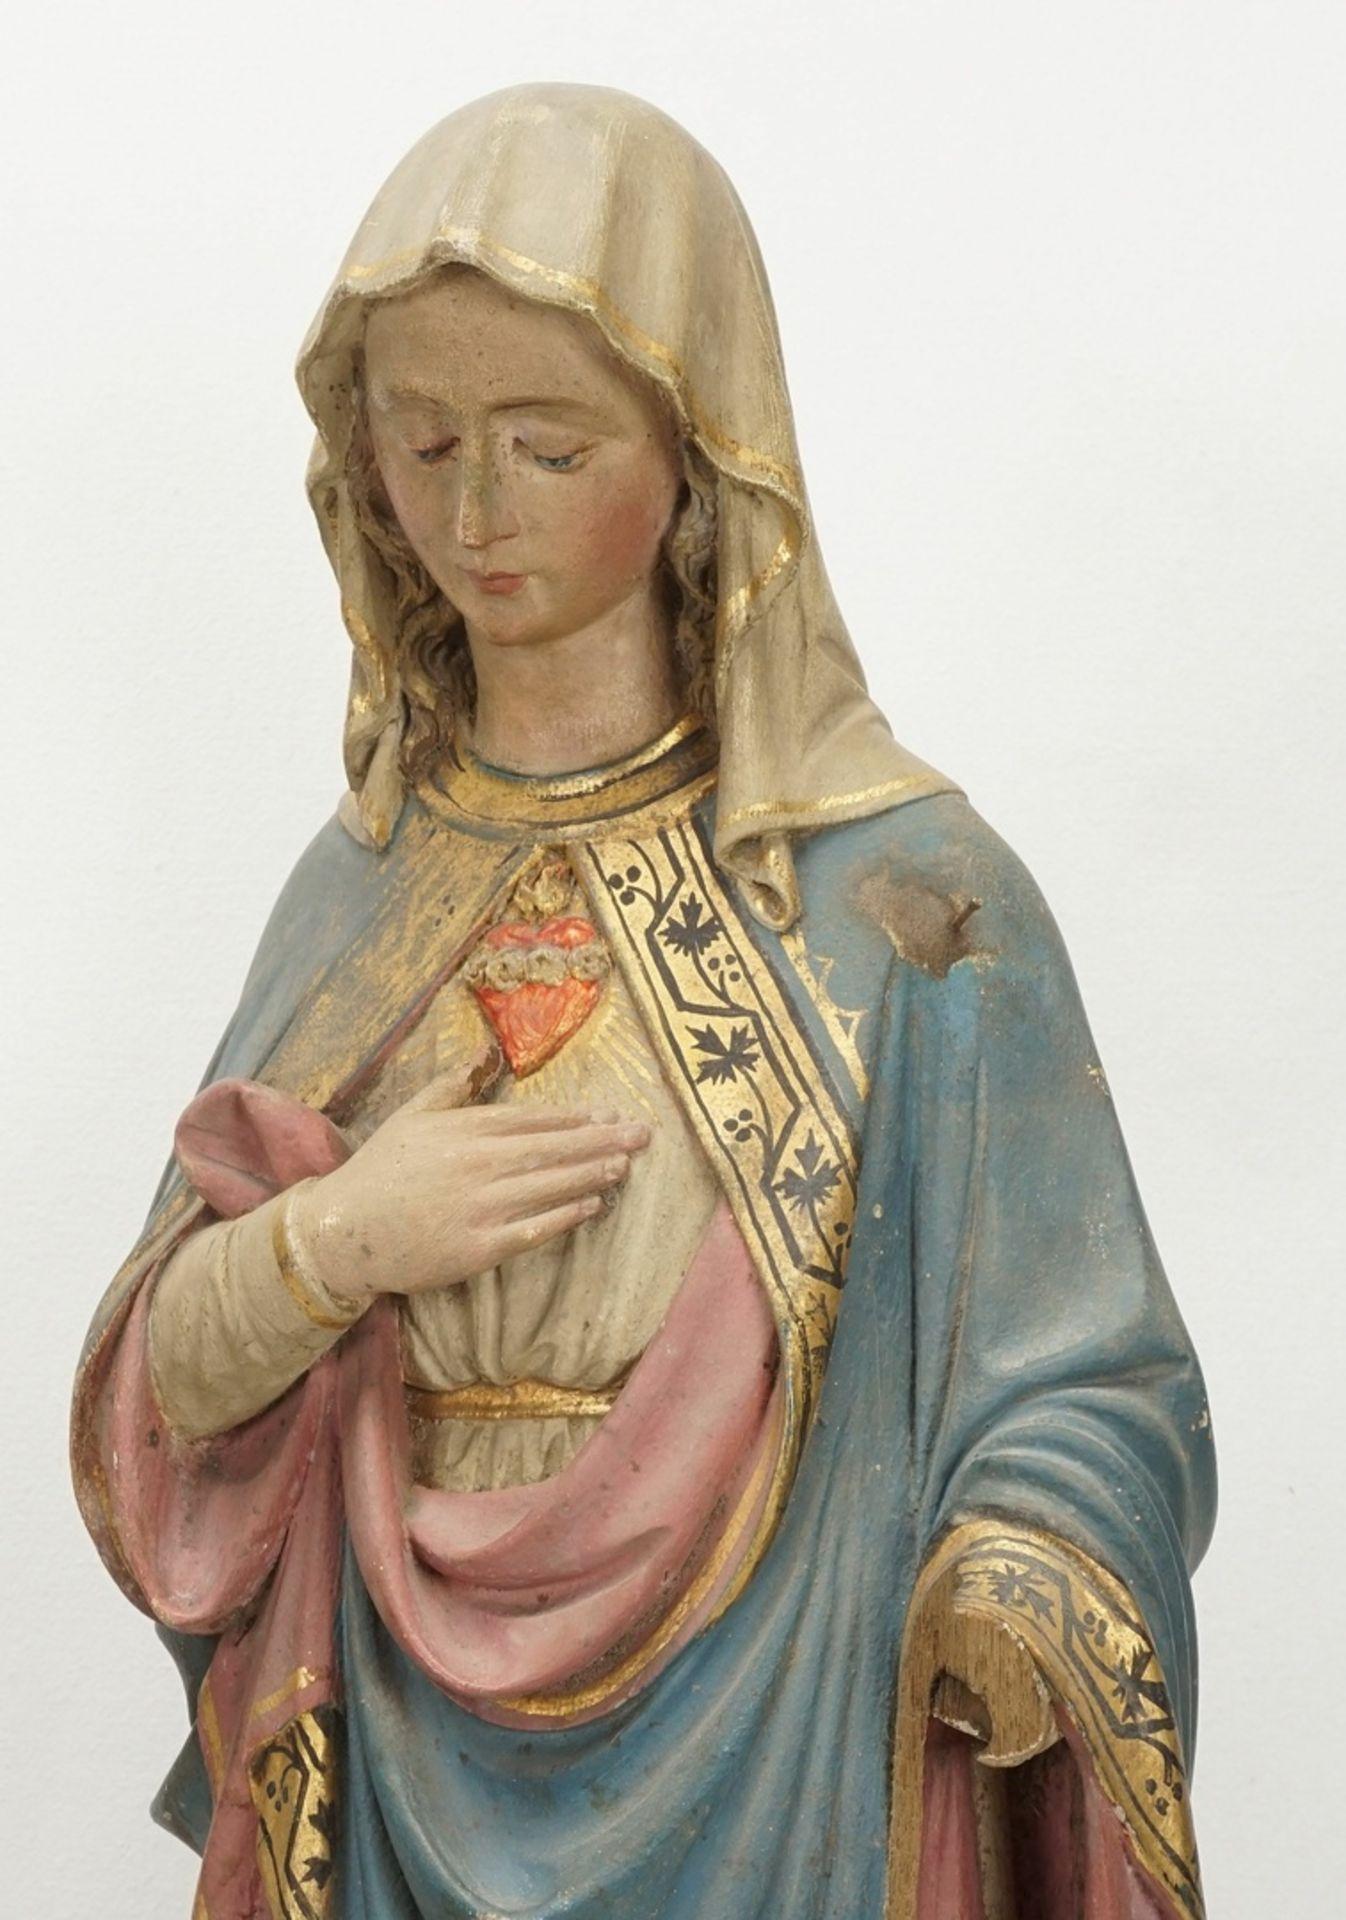 Zwei Holzskulpturen, Jesus und Maria mit brennendem Herzen, 19. Jh. - Bild 3 aus 5